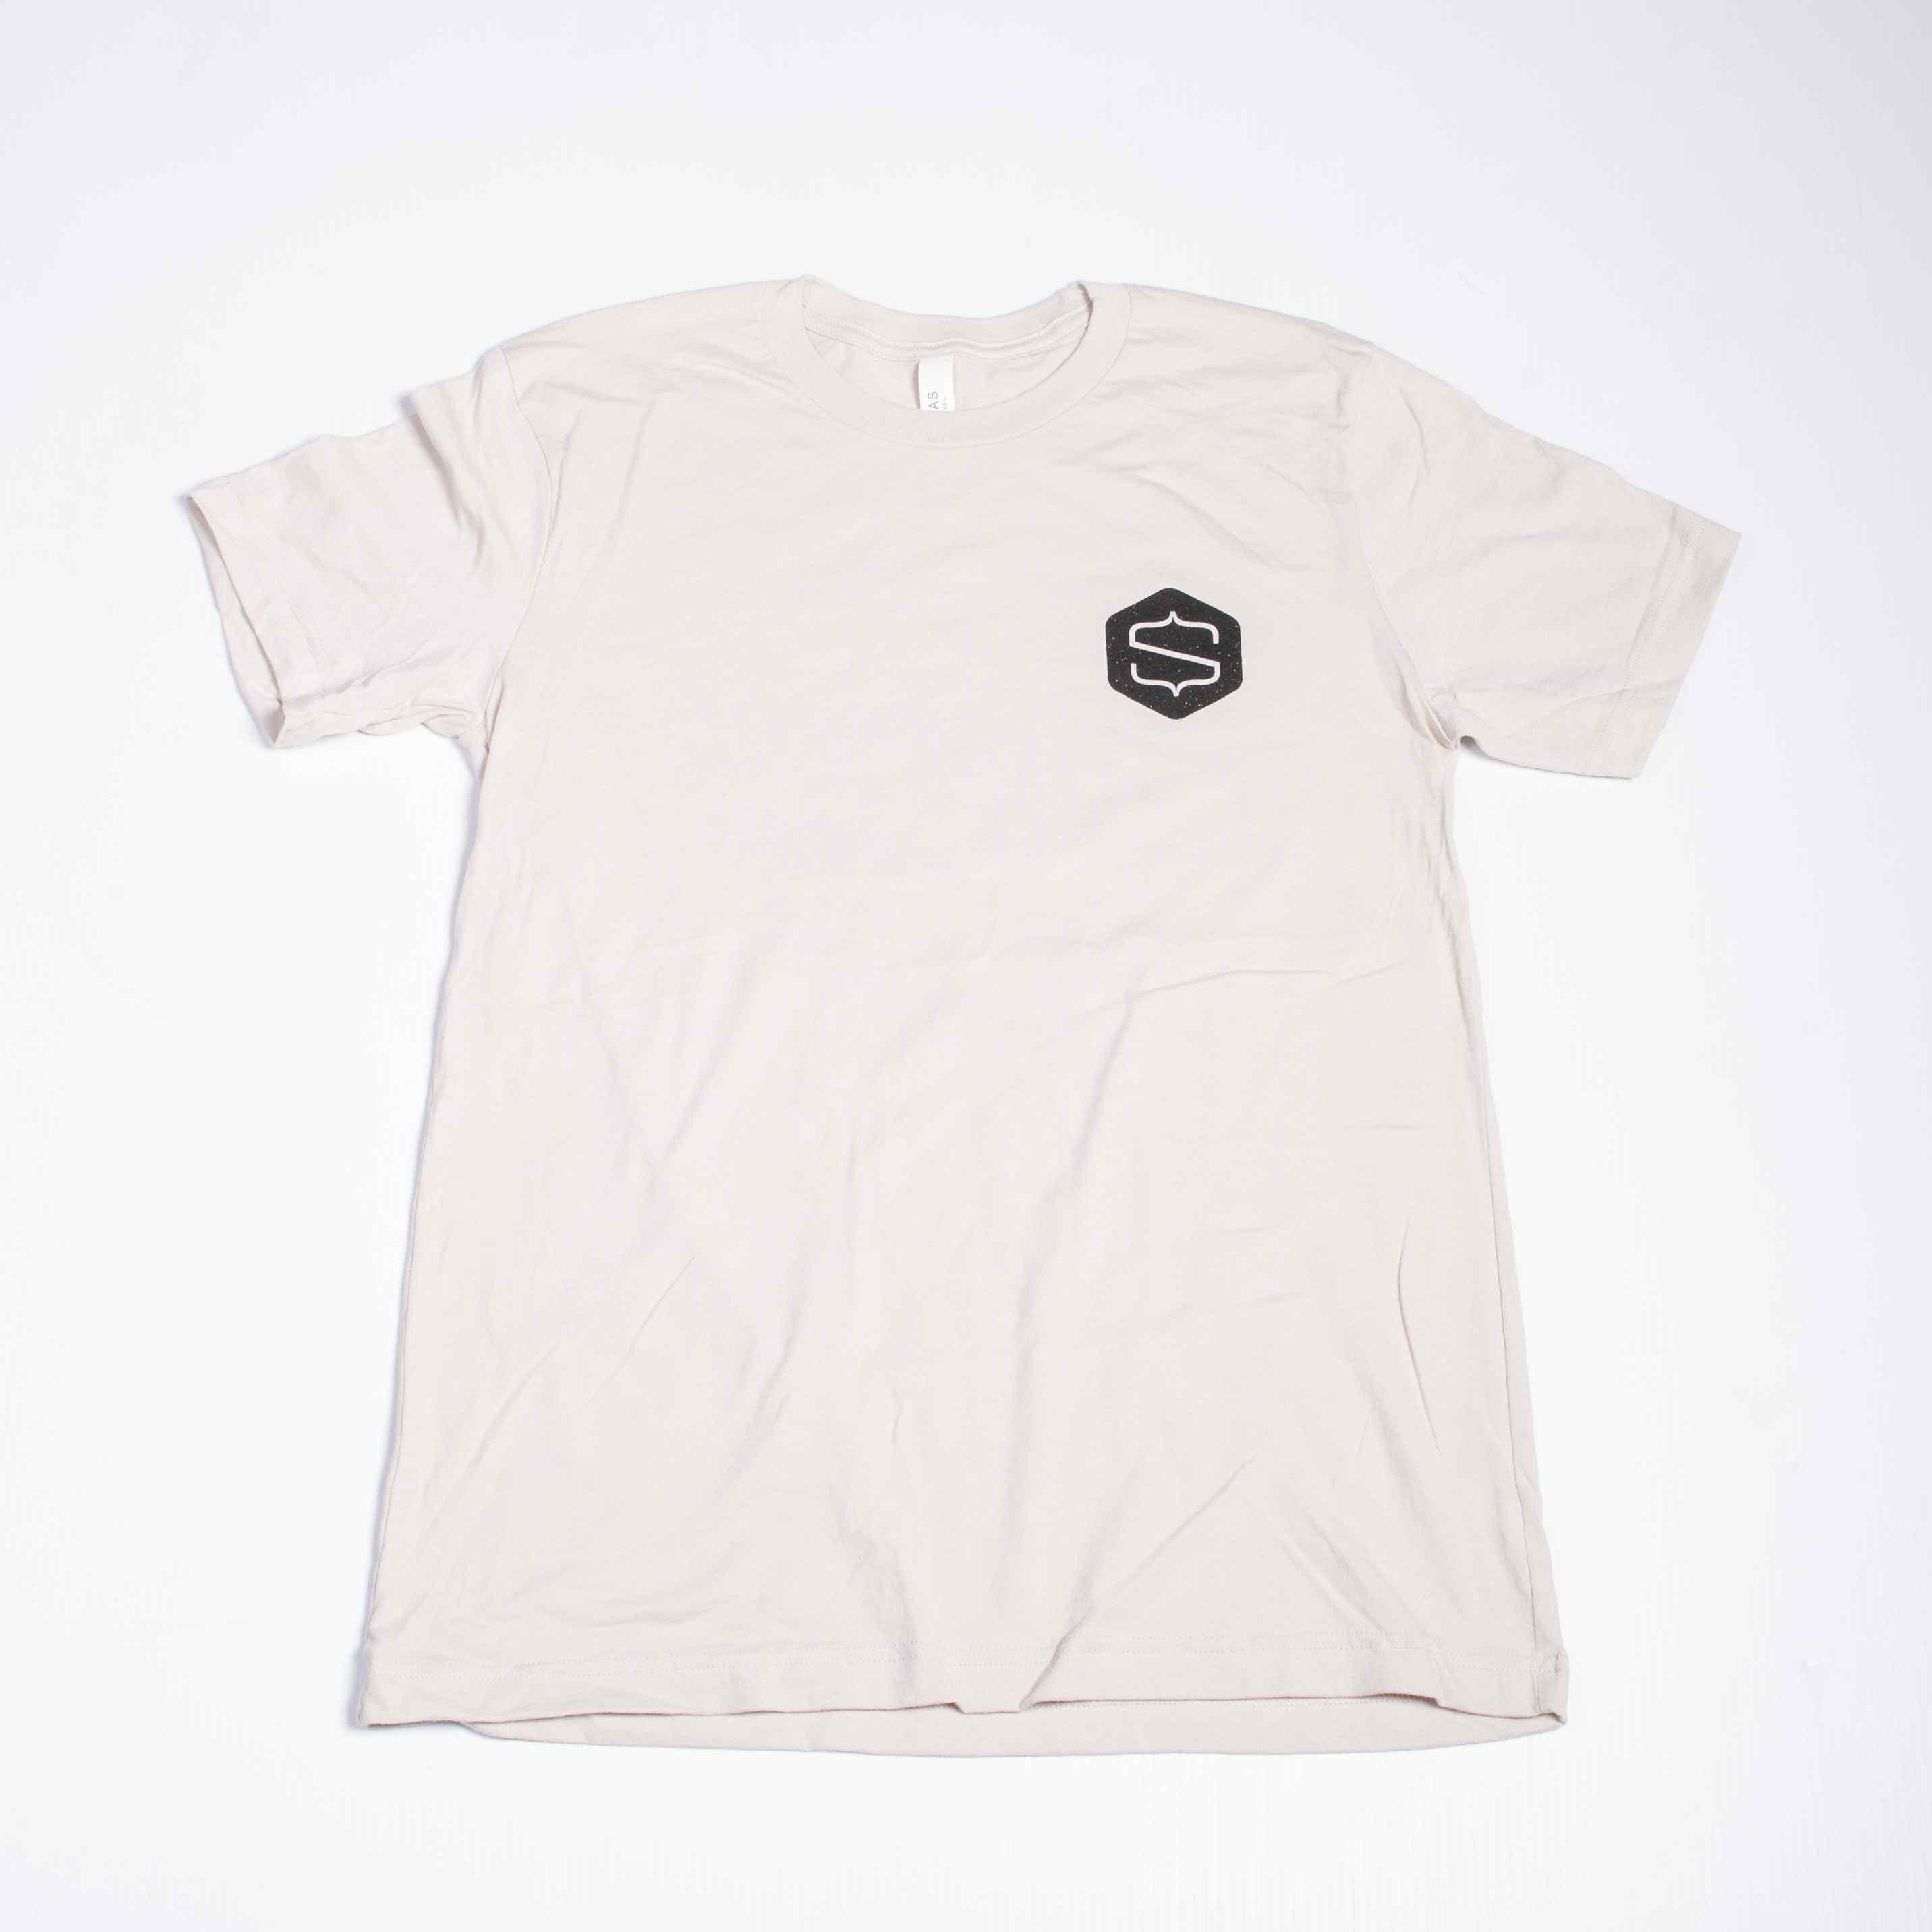 OG Shirt - Light